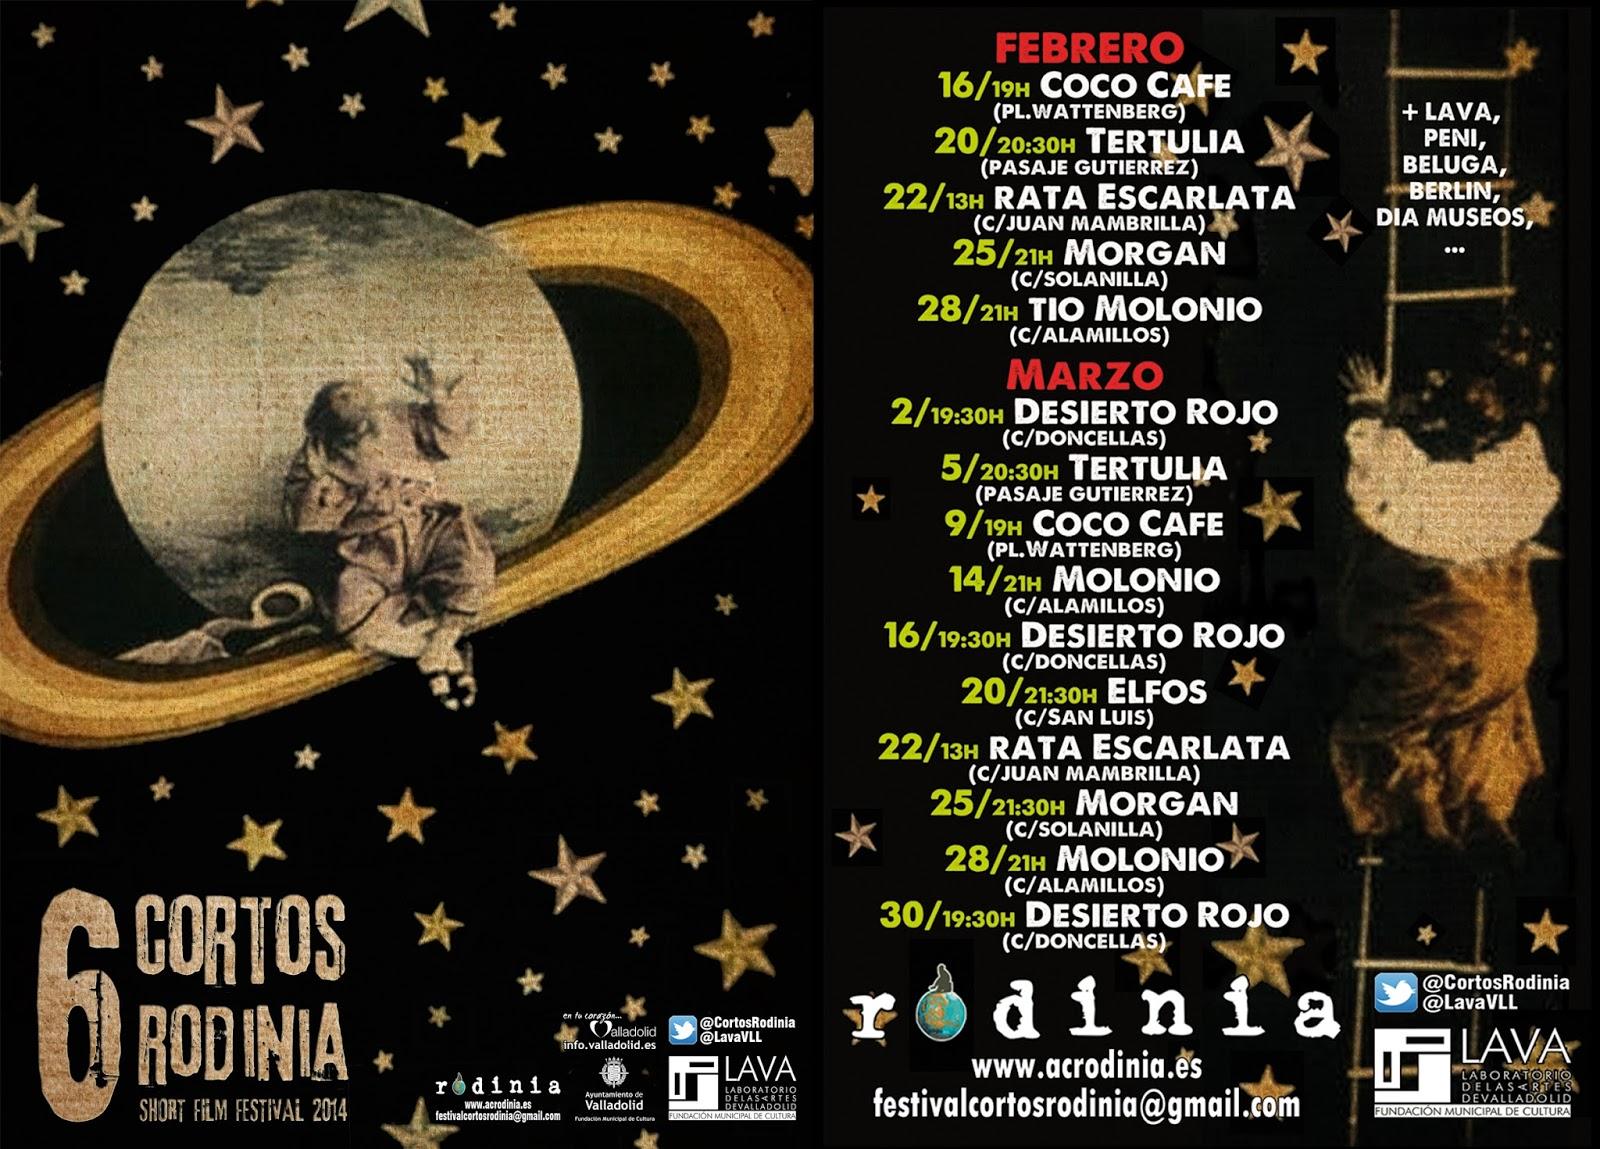 Festival Cortos Rodinia - Ratpilot - Avance Programación